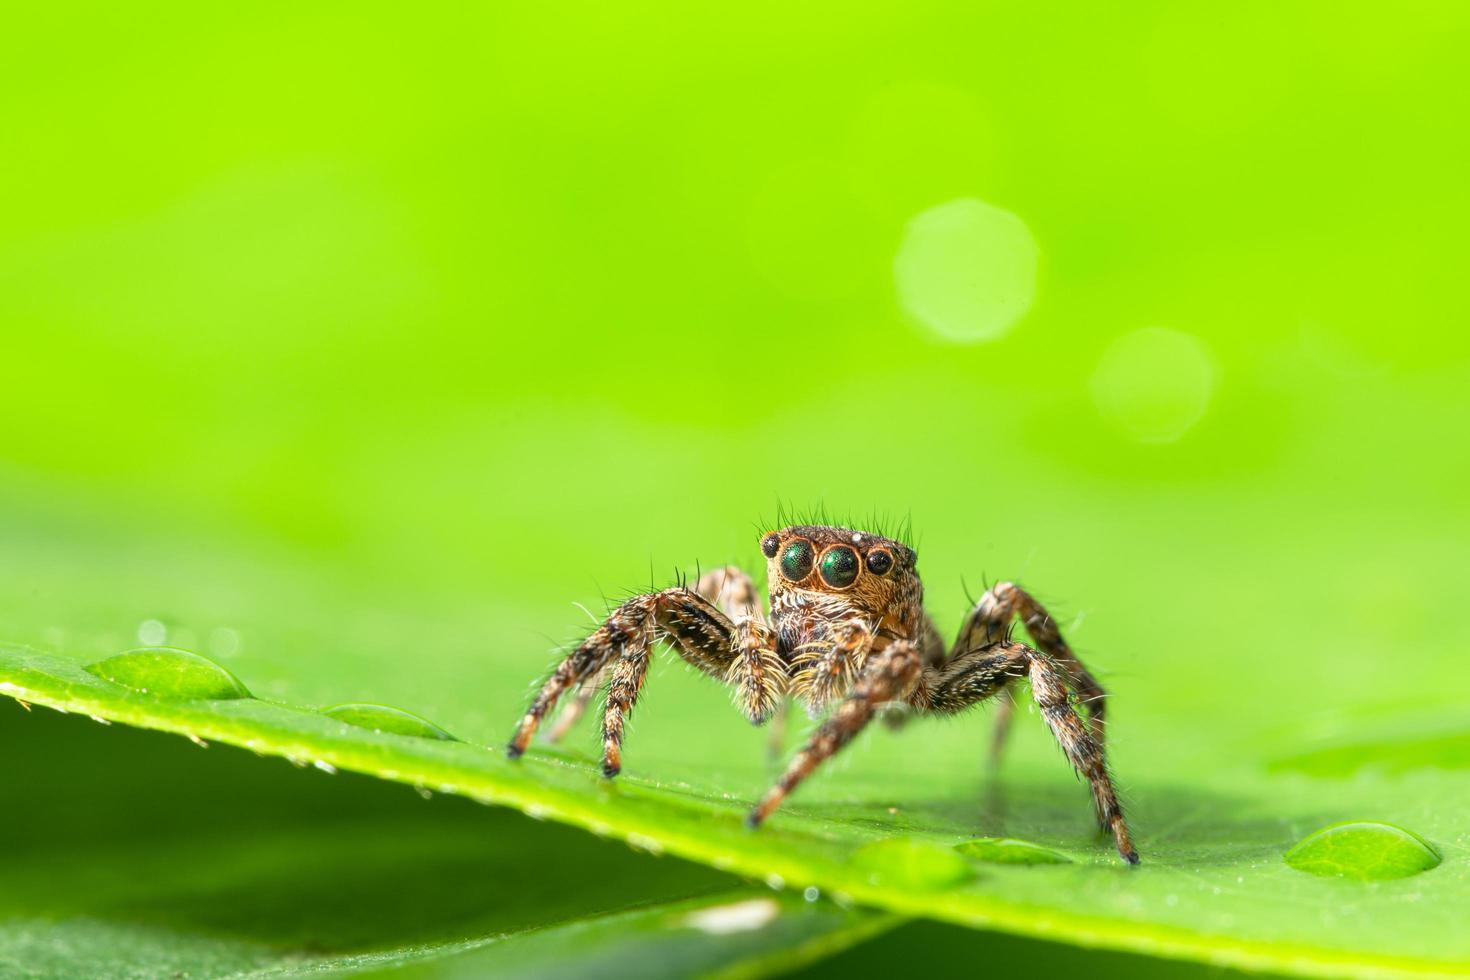 ragno marrone su foglia verde foto